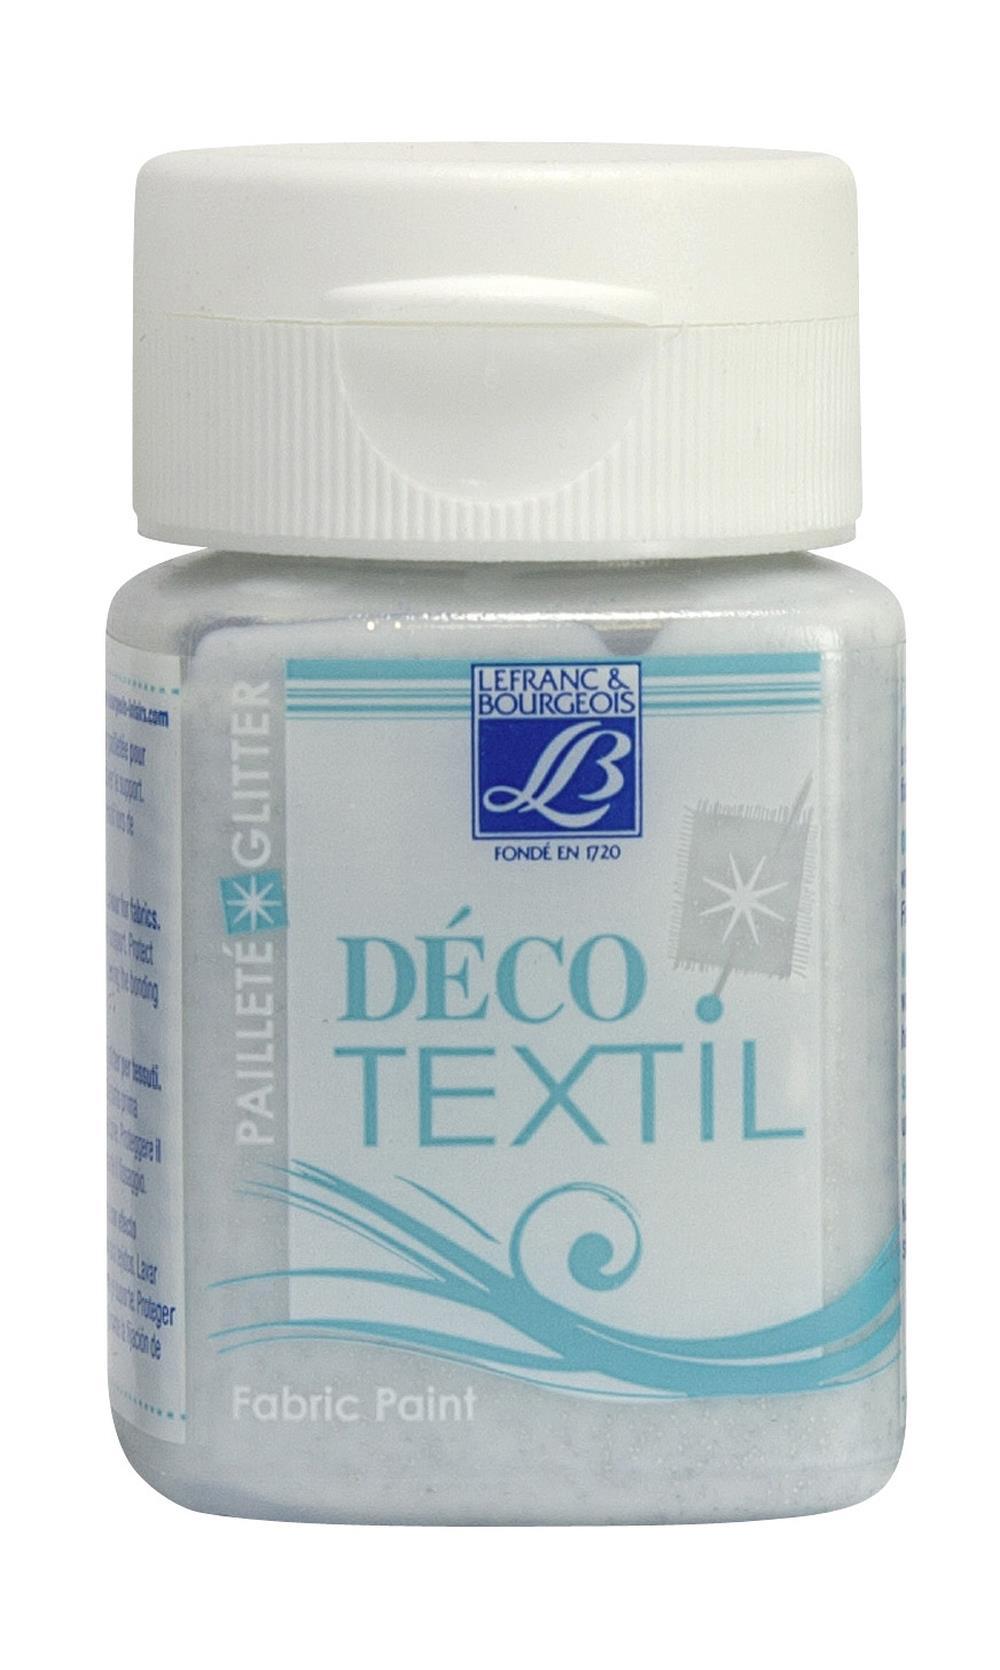 Tygfärg L&B Deco Textil 50ml  Glitter silver  - effekt 4003 (4F) Utgått